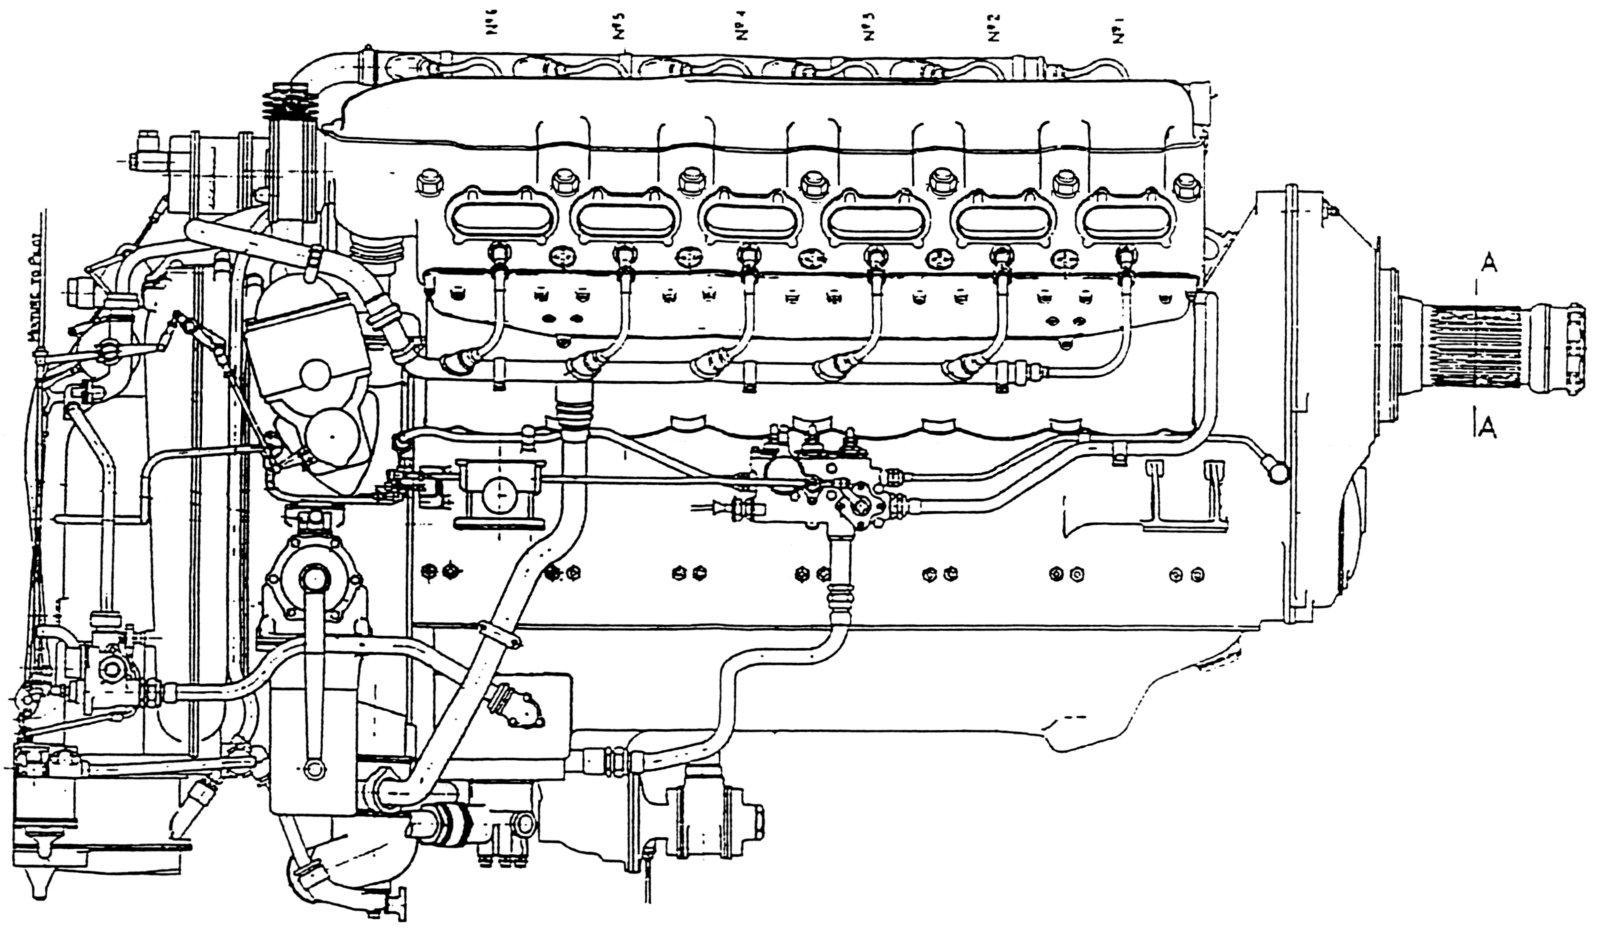 ramp head merlin rh enginehistory org Merlin Crate Engines www Rolls-Royce Merlin Engines